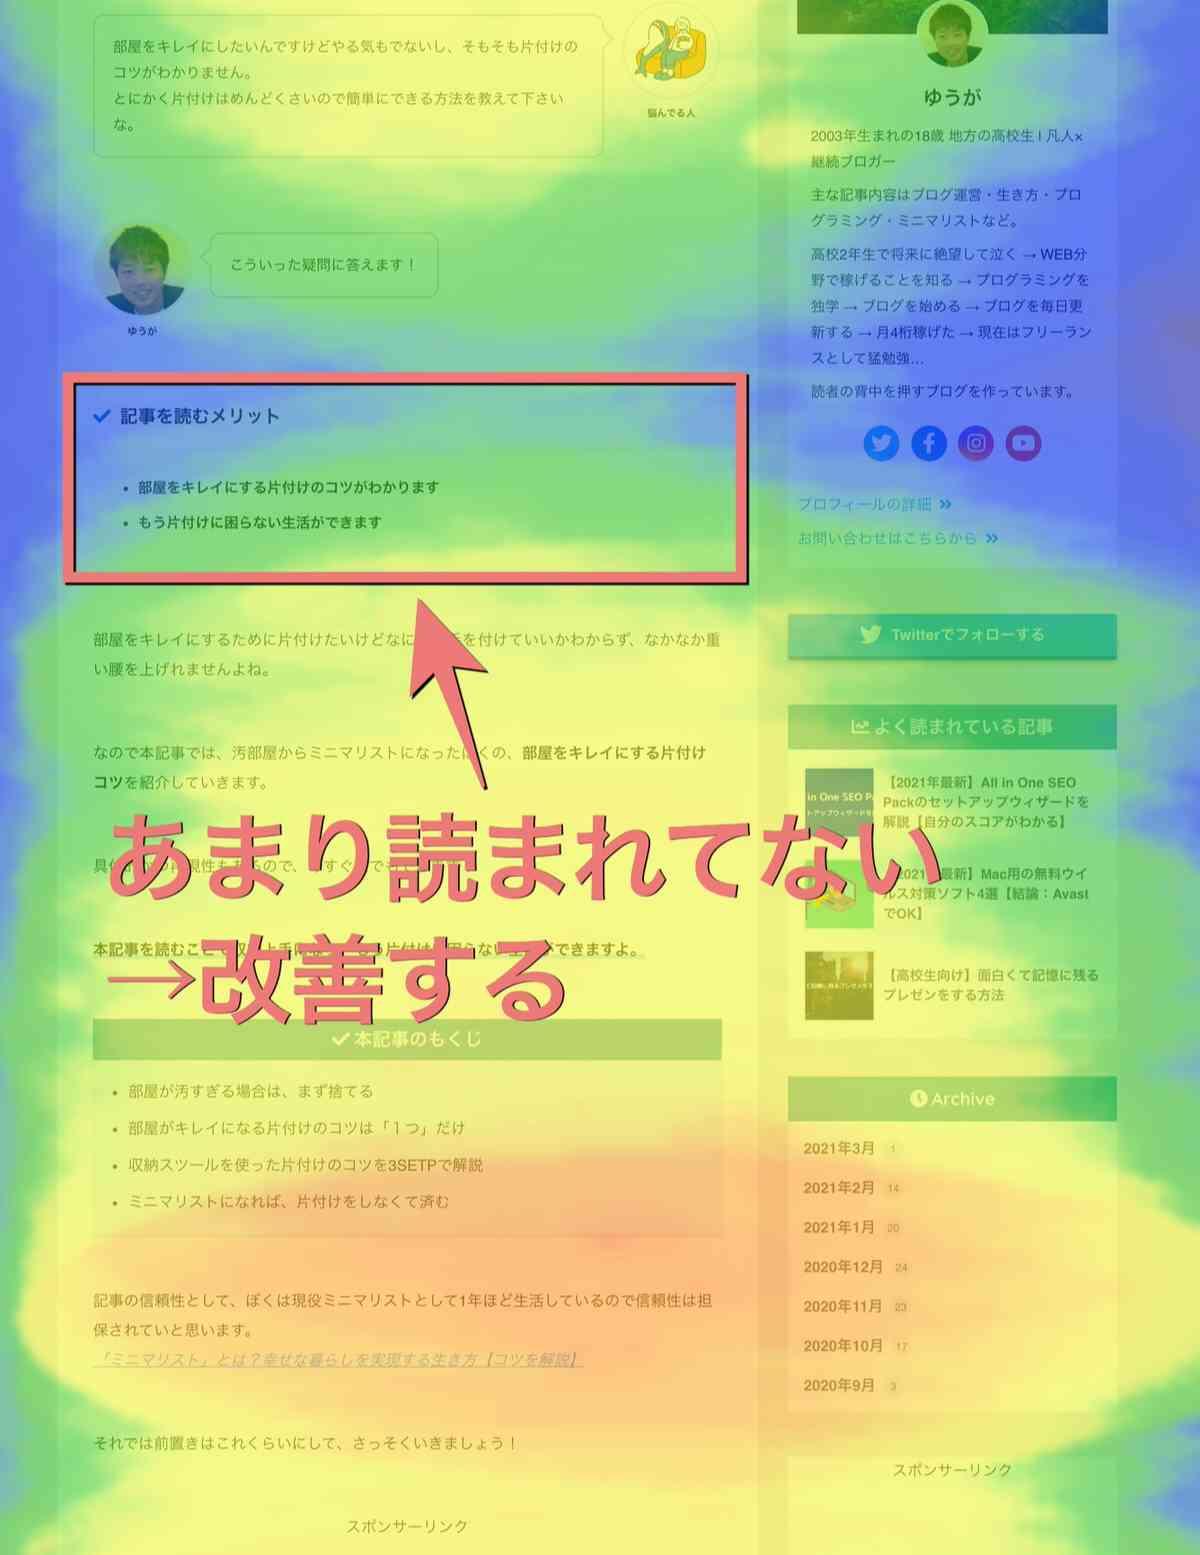 ①:記事の導入文を見る